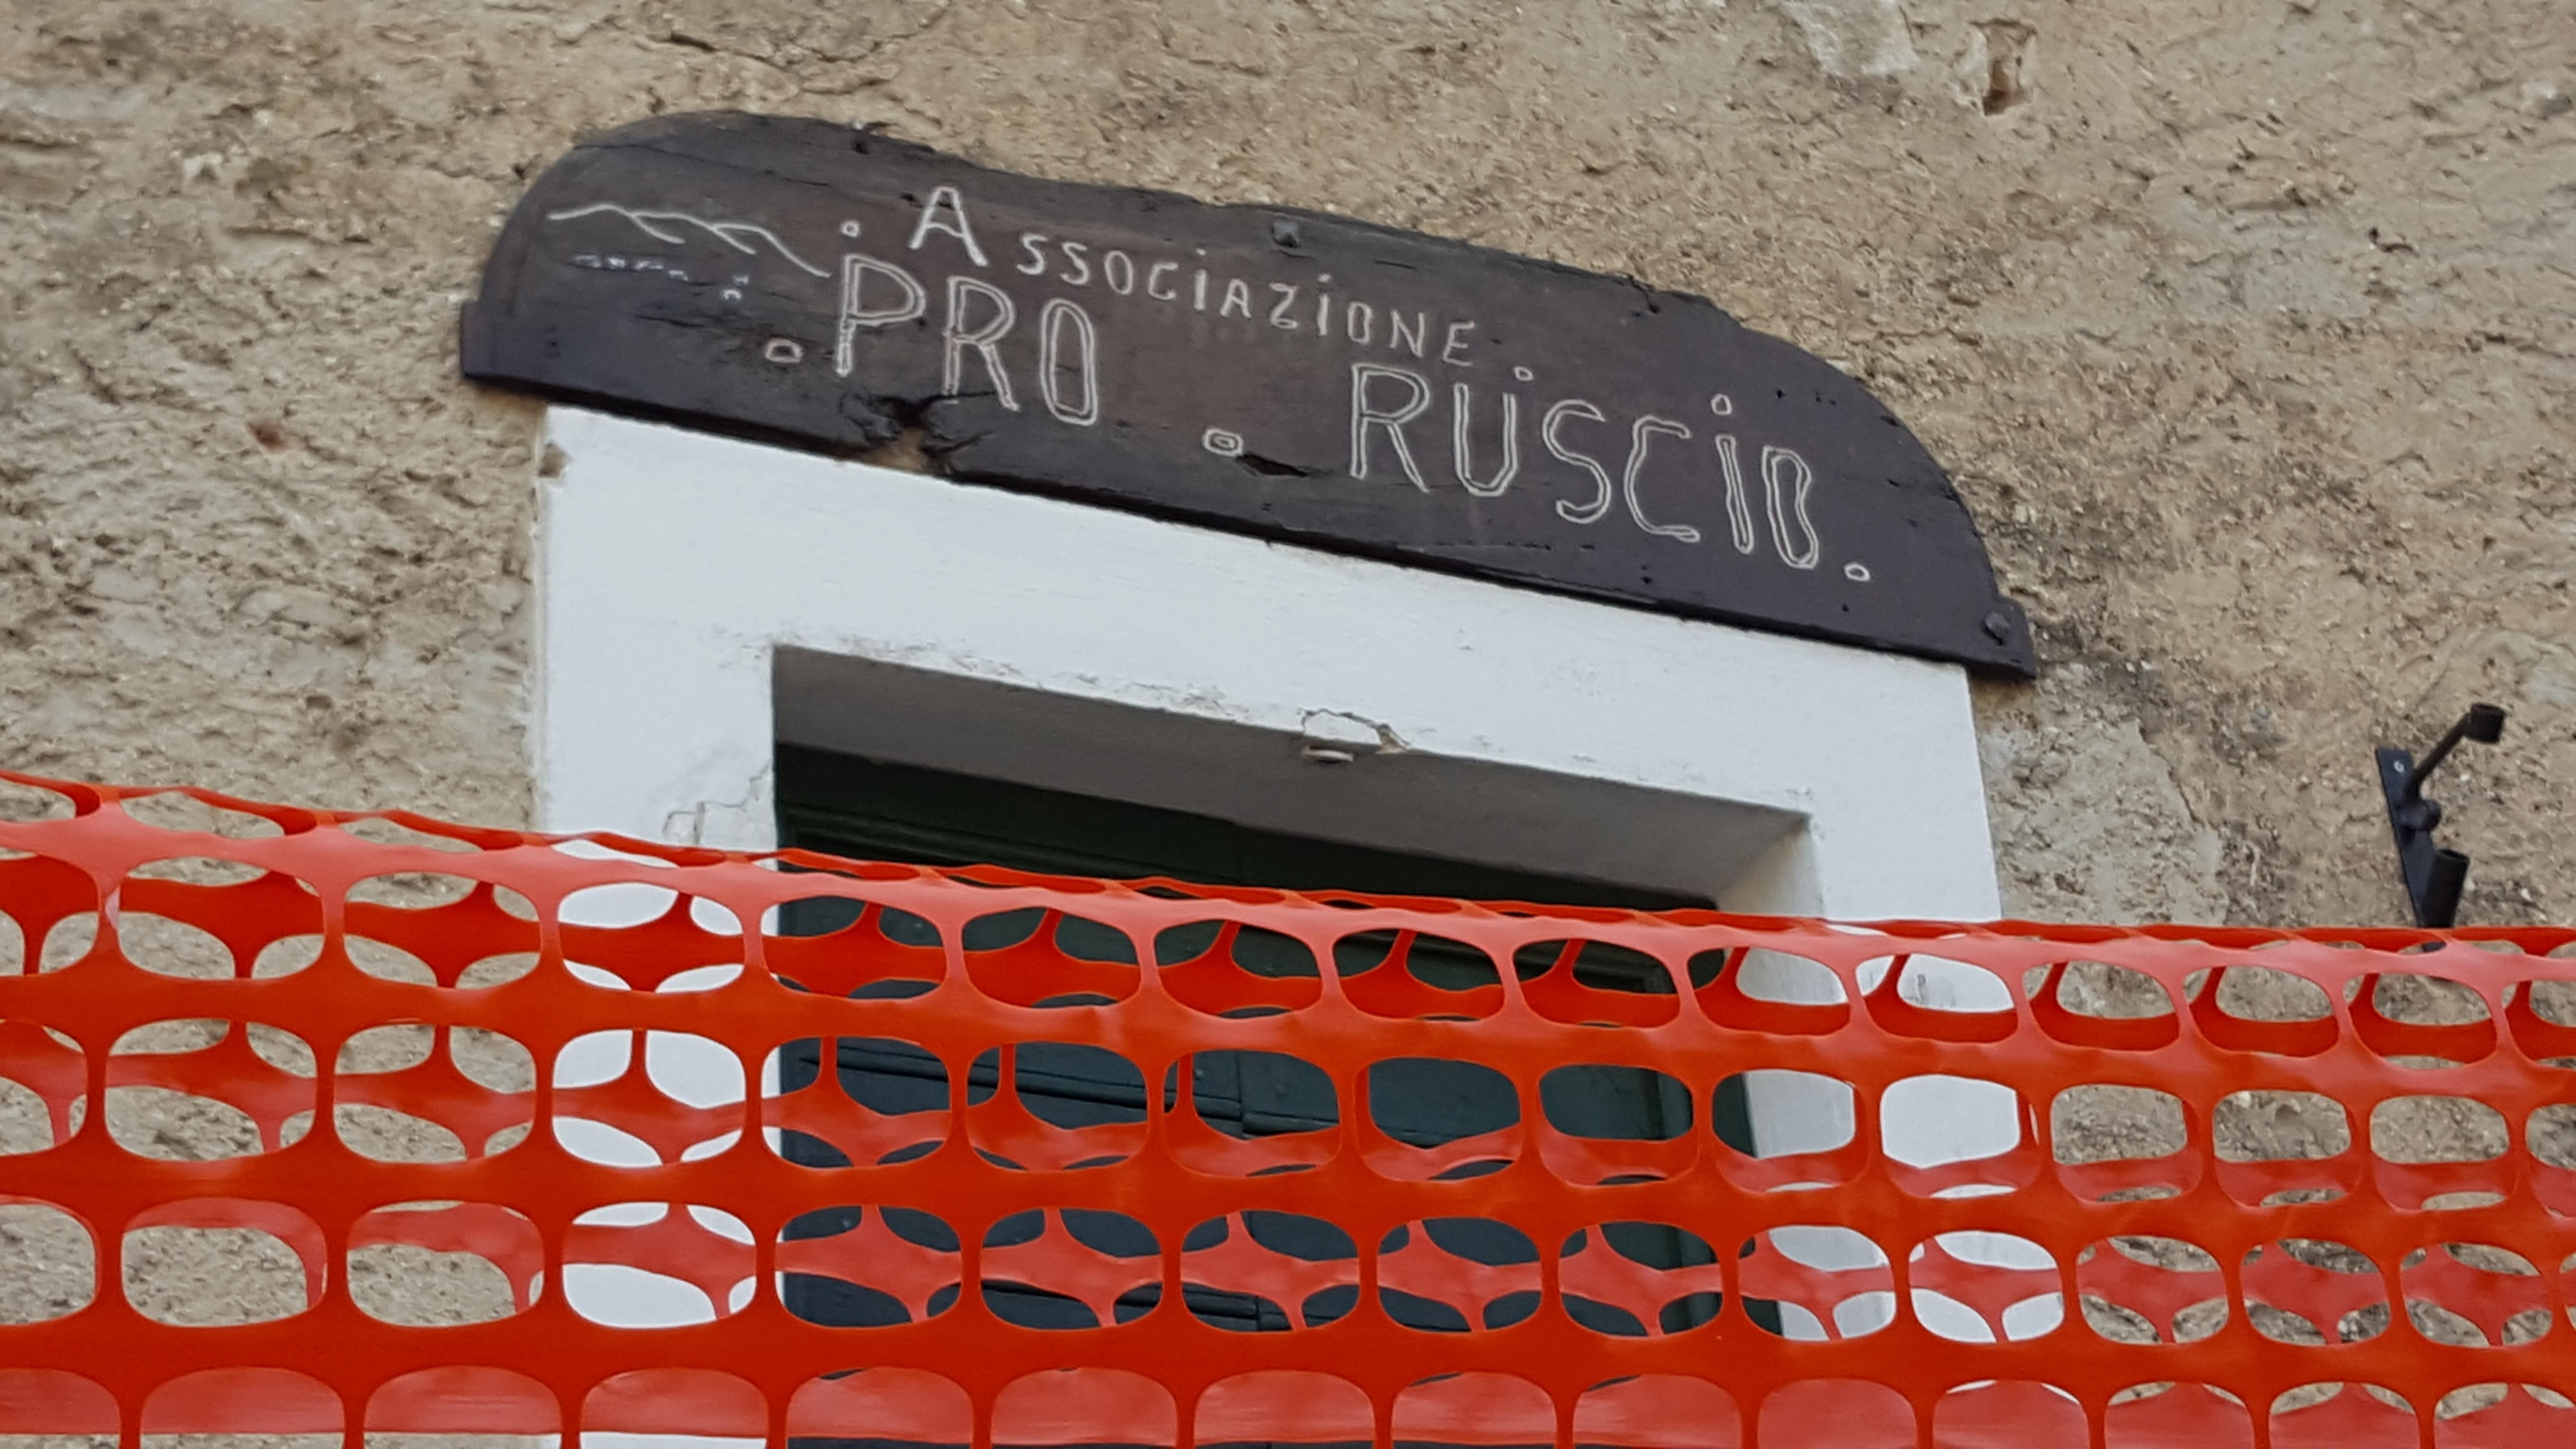 La sede dell'Associazione Pro Ruscio (foto Arch. Pro Ruscio, 2016)